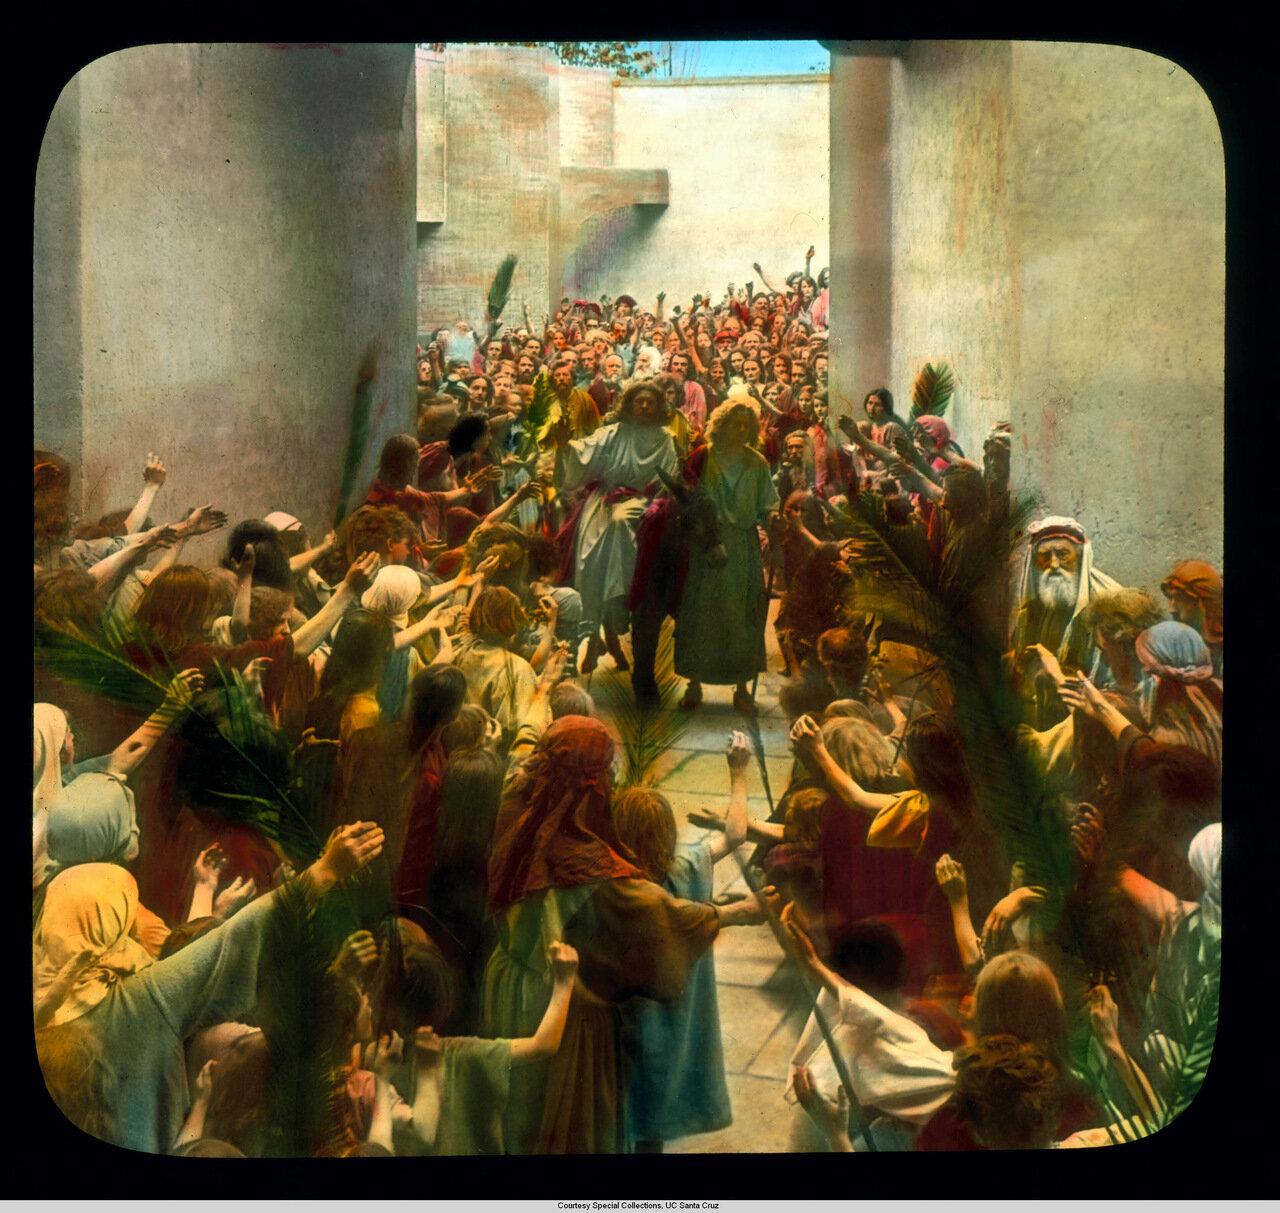 Обераммергау. Страсти Христовы. Иисус въезжает в Иерусалим